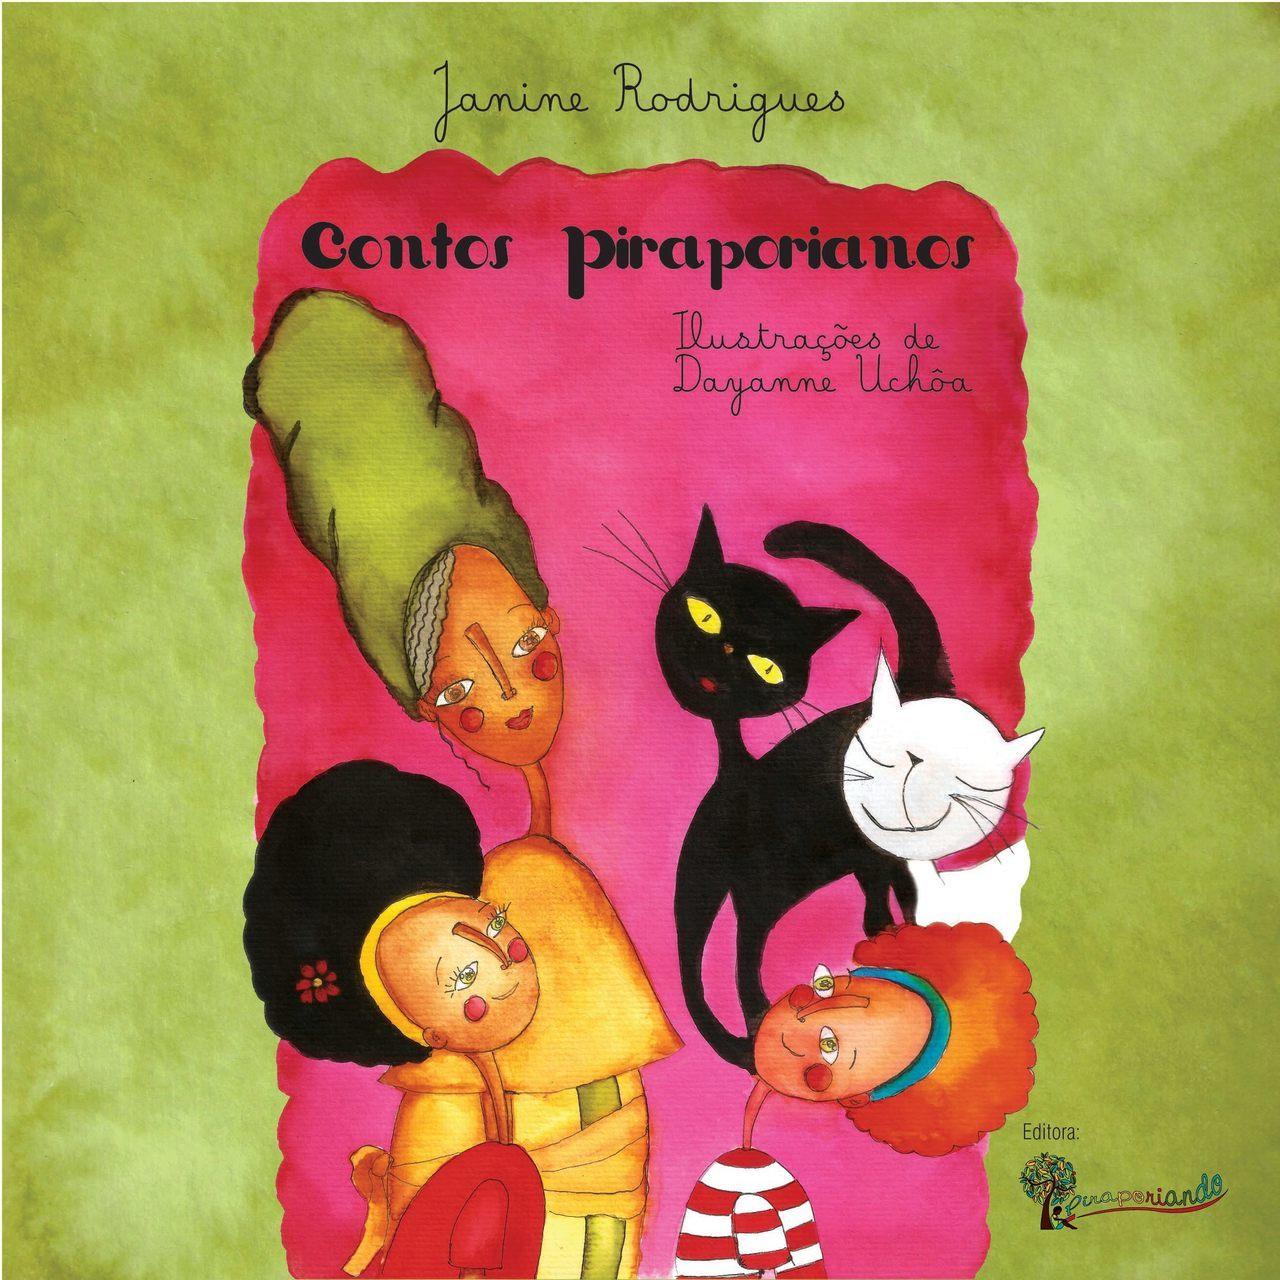 Contos Piraporianos - Obra Literária + Encarte de Atividades